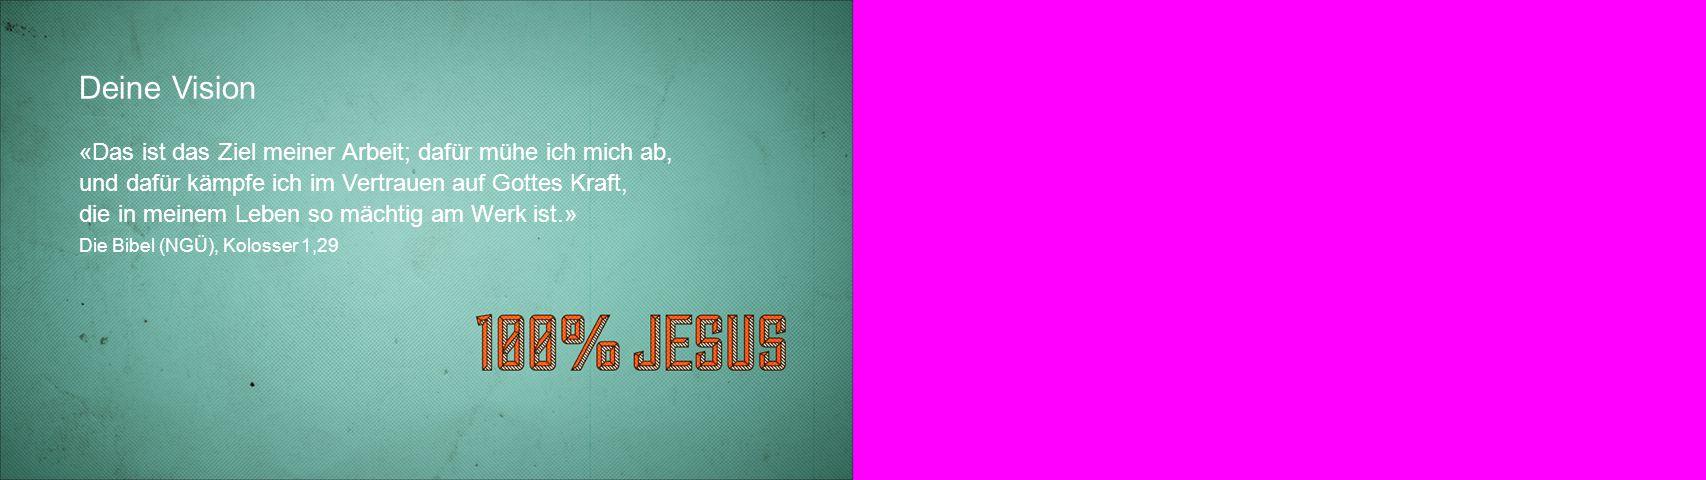 Deine Vision «Das ist das Ziel meiner Arbeit; dafür mühe ich mich ab, und dafür kämpfe ich im Vertrauen auf Gottes Kraft, die in meinem Leben so mächtig am Werk ist.» Die Bibel (NGÜ), Kolosser 1,29